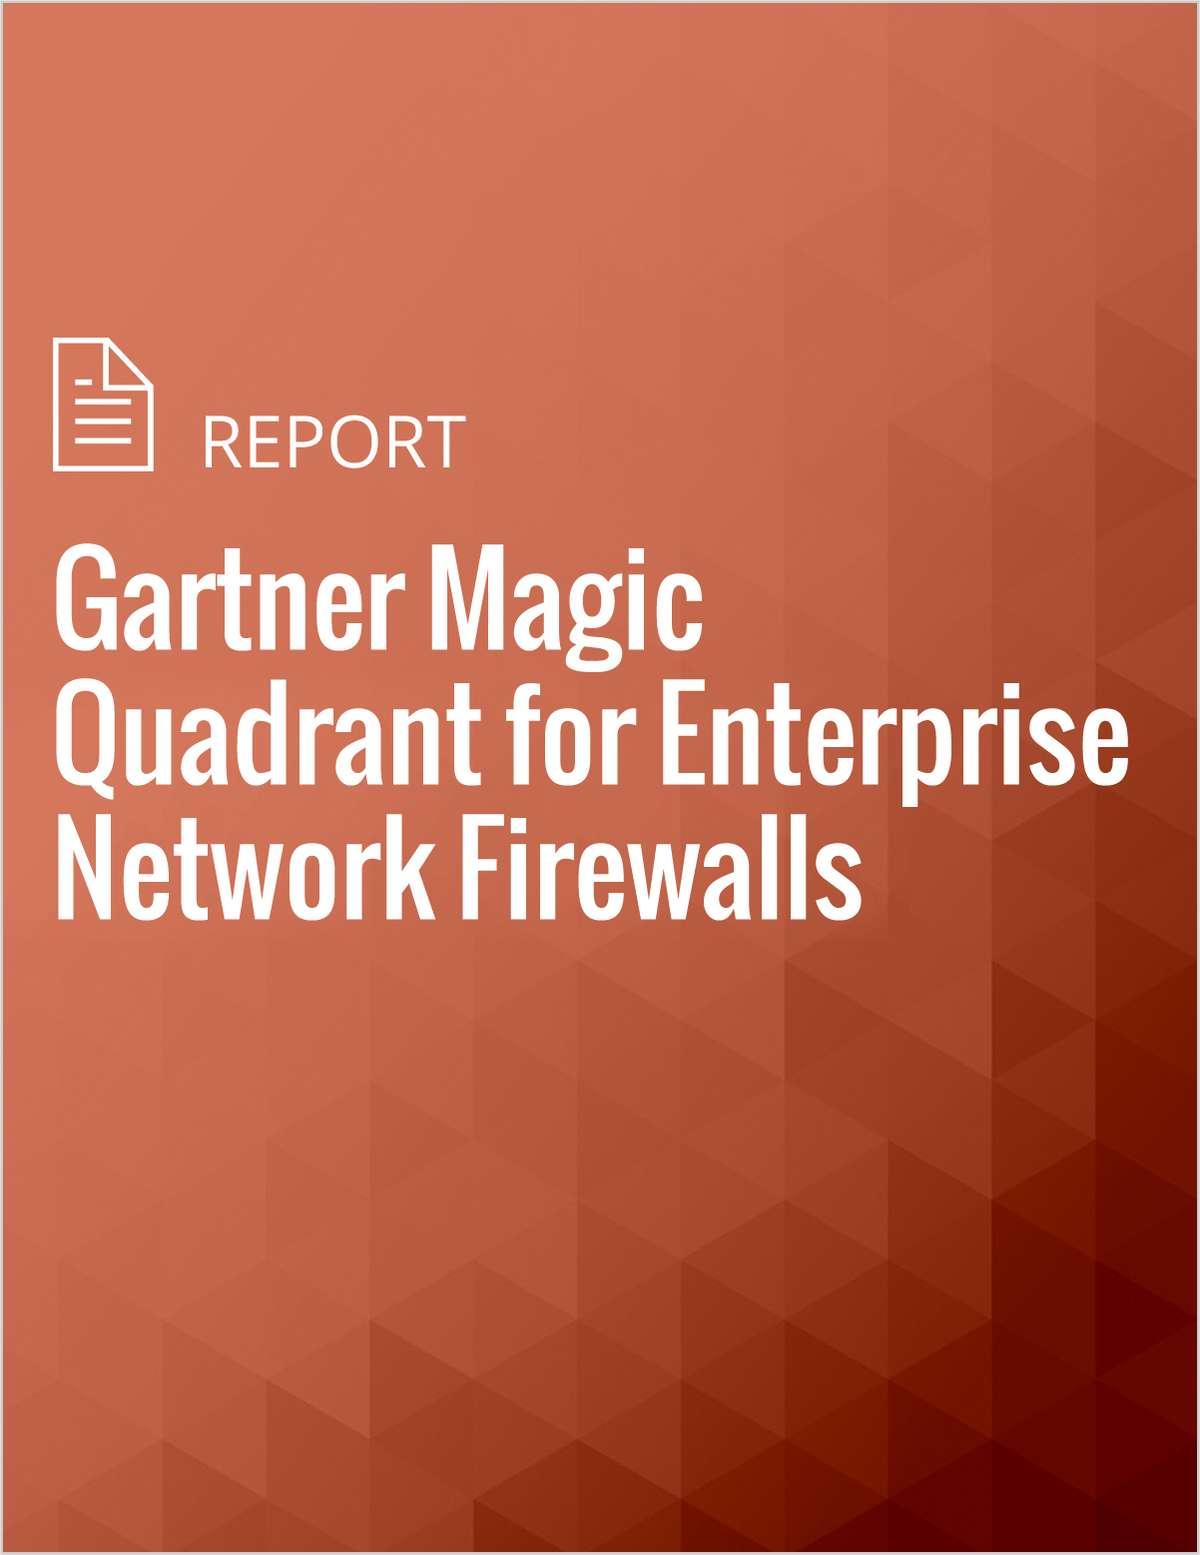 Gartner Magic Quadrant for Enterprise Network Firewalls